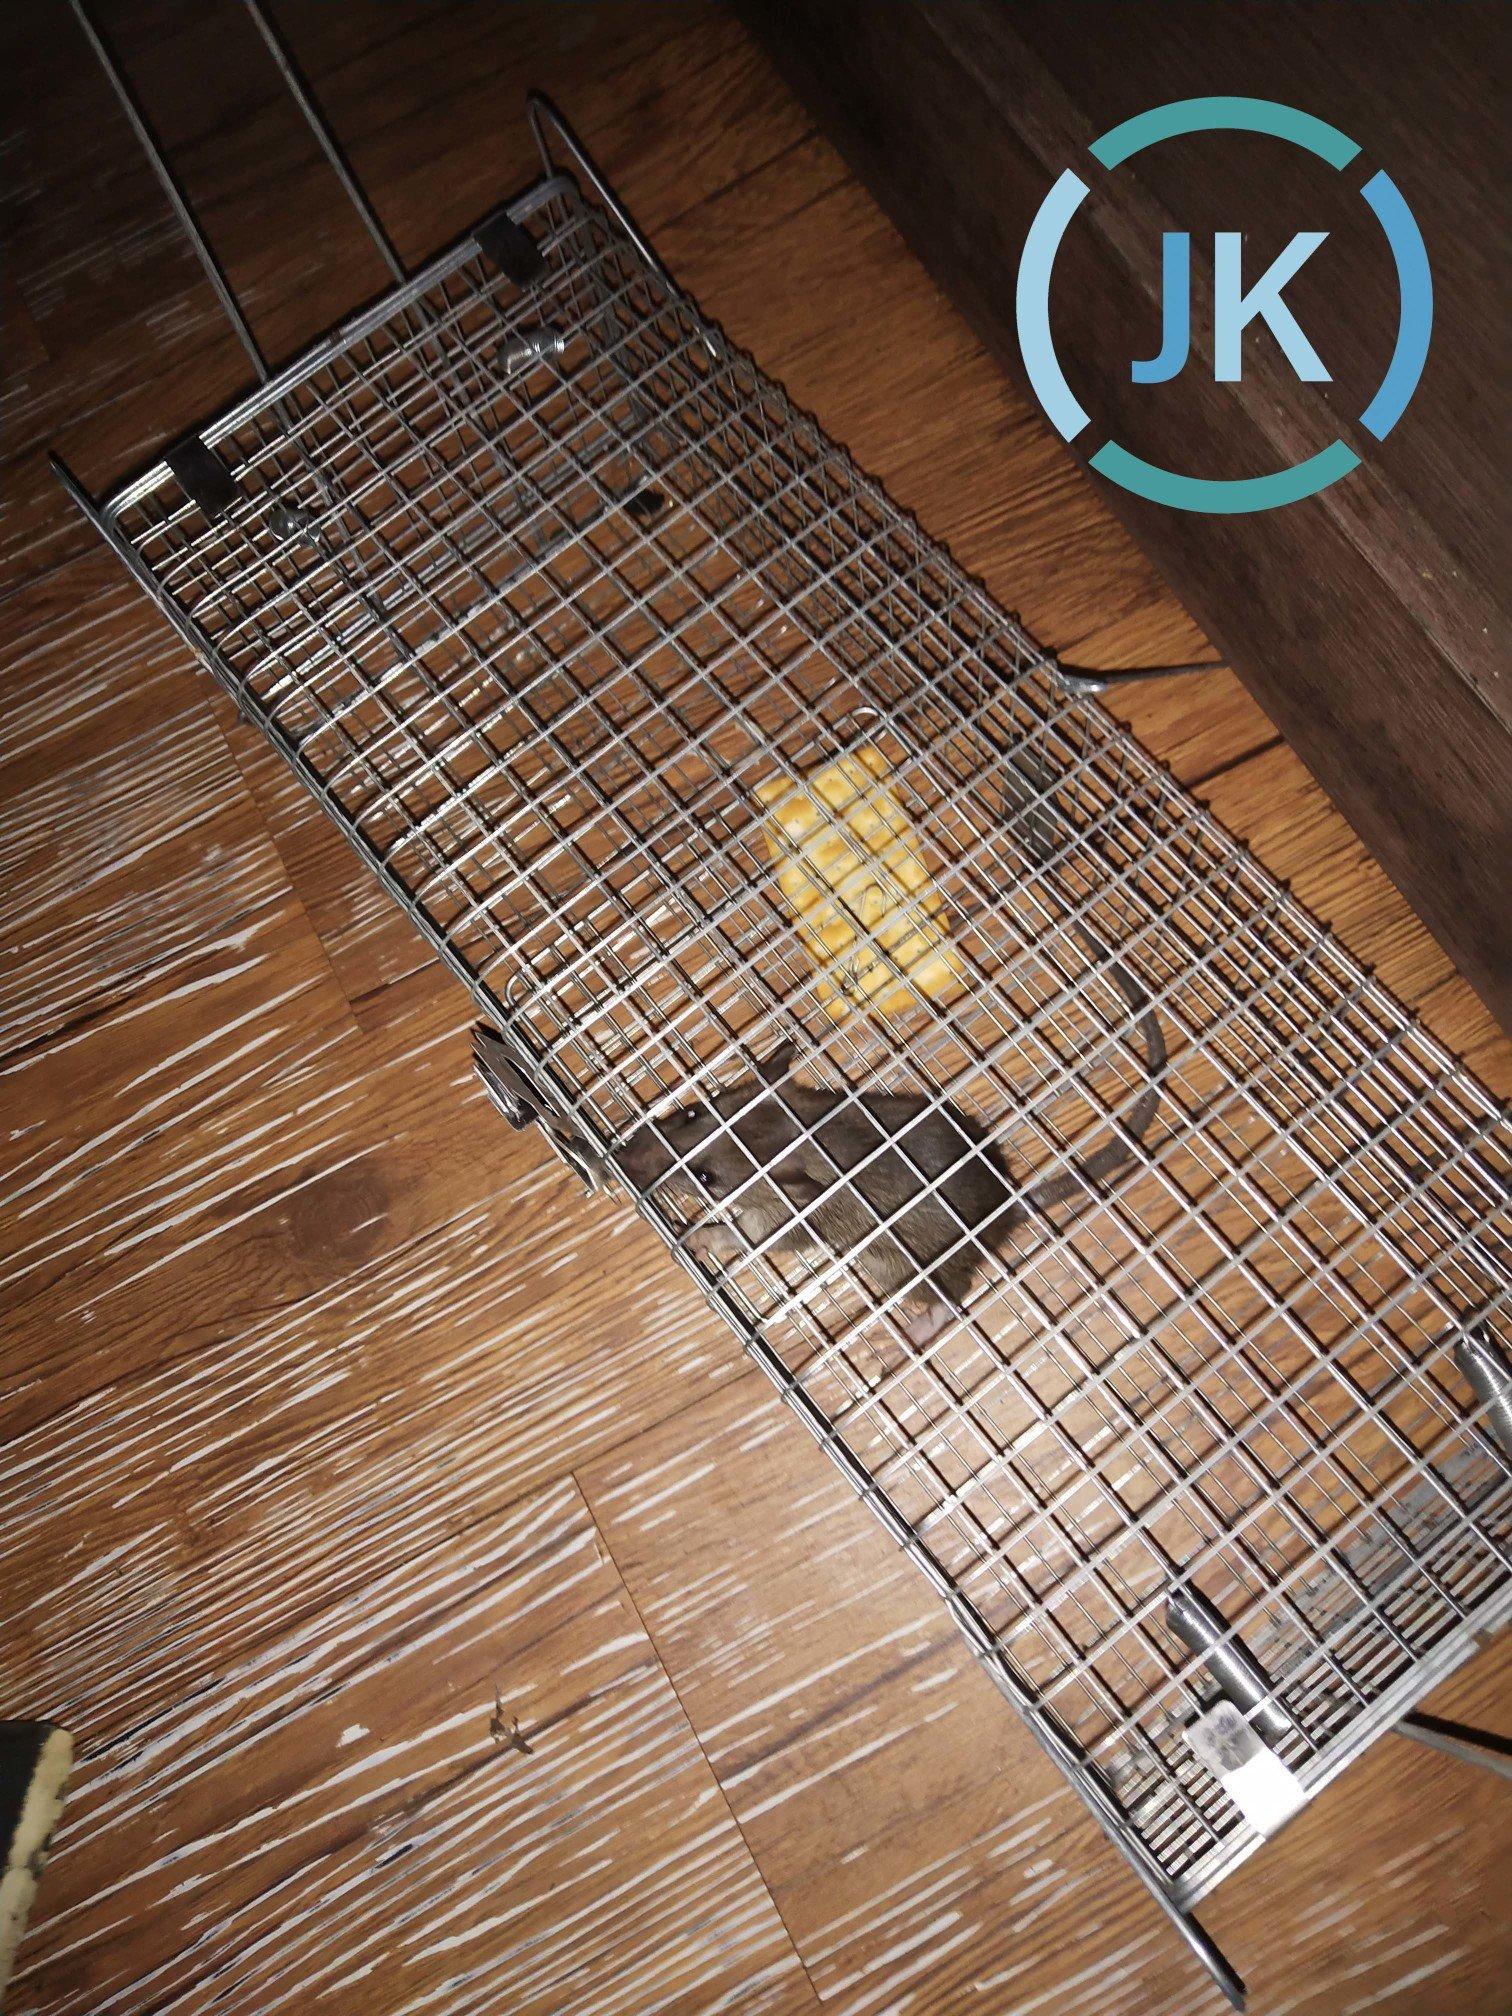 設置約一星期後,發現老鼠已經捕獲